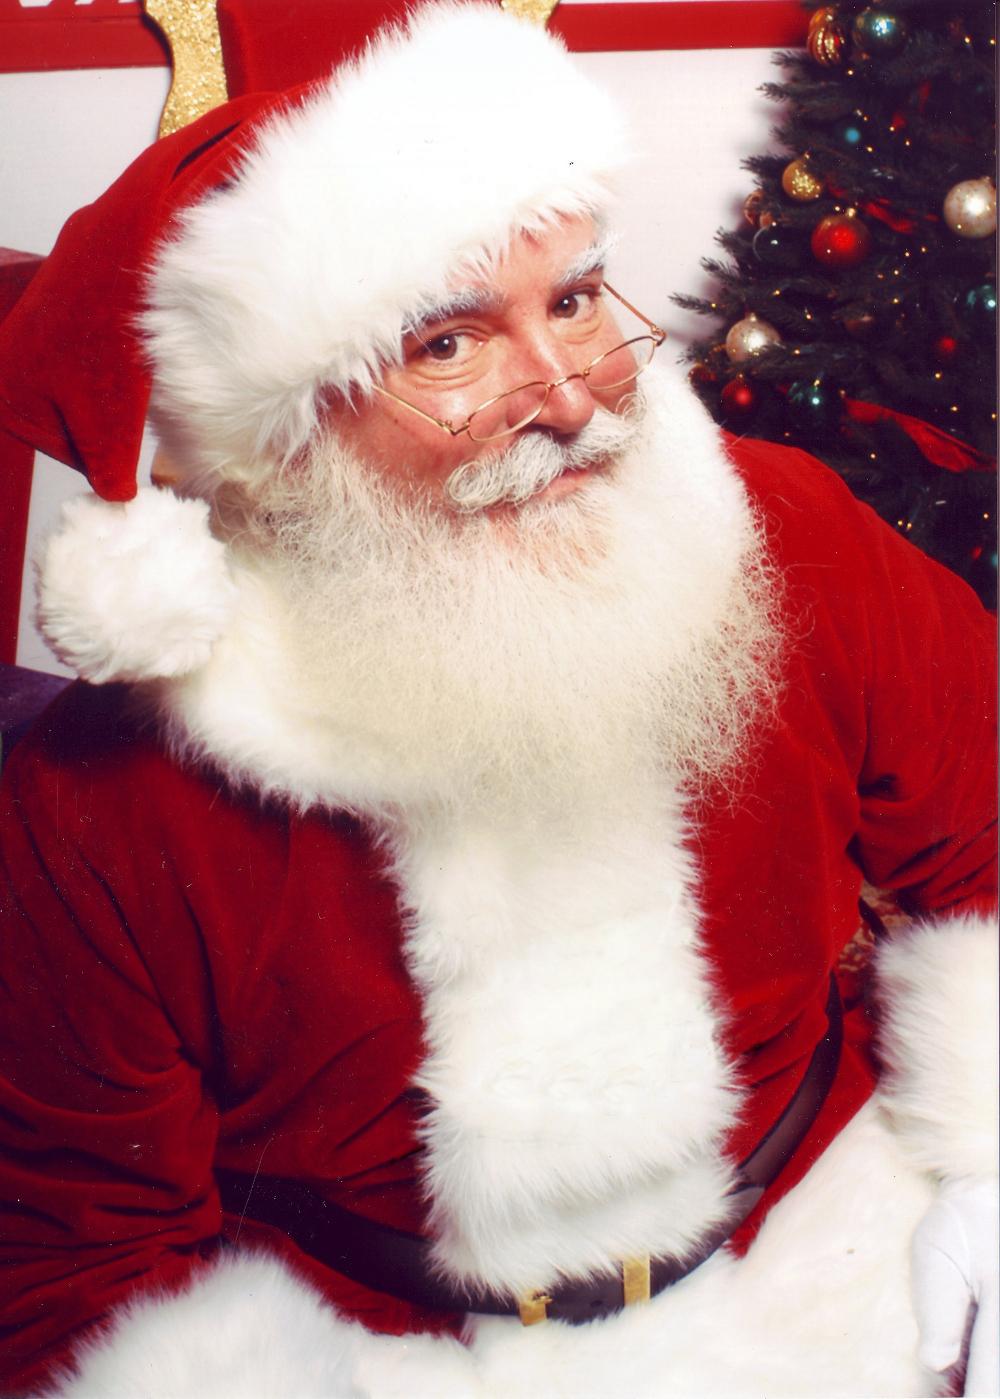 Auf dem Bild ist der Weihnachts·mann